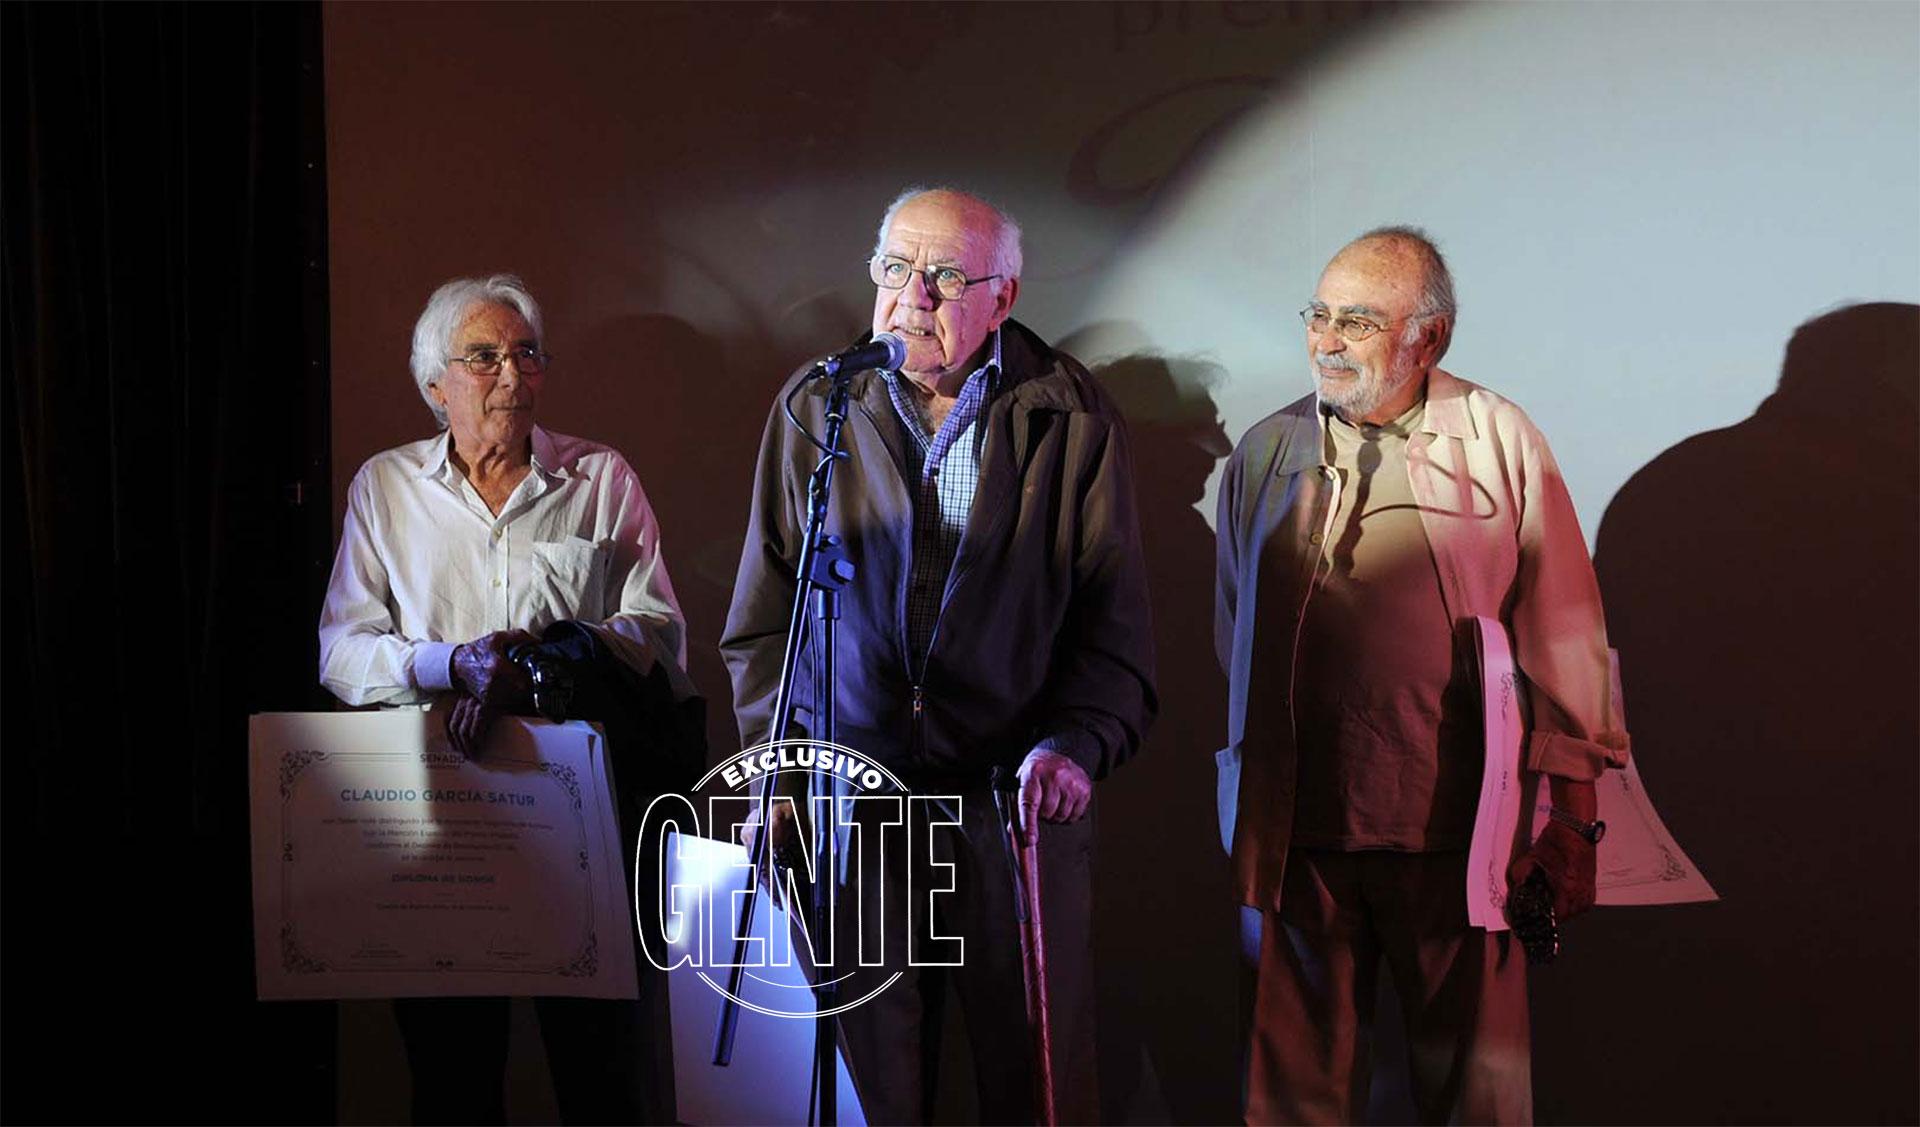 Claudio García Satur, Onofre Lovero y Pepe Novoa, agradeciendo el reconocimiento en una noche emotiva. Foto: Enrique García Medina/GENTE